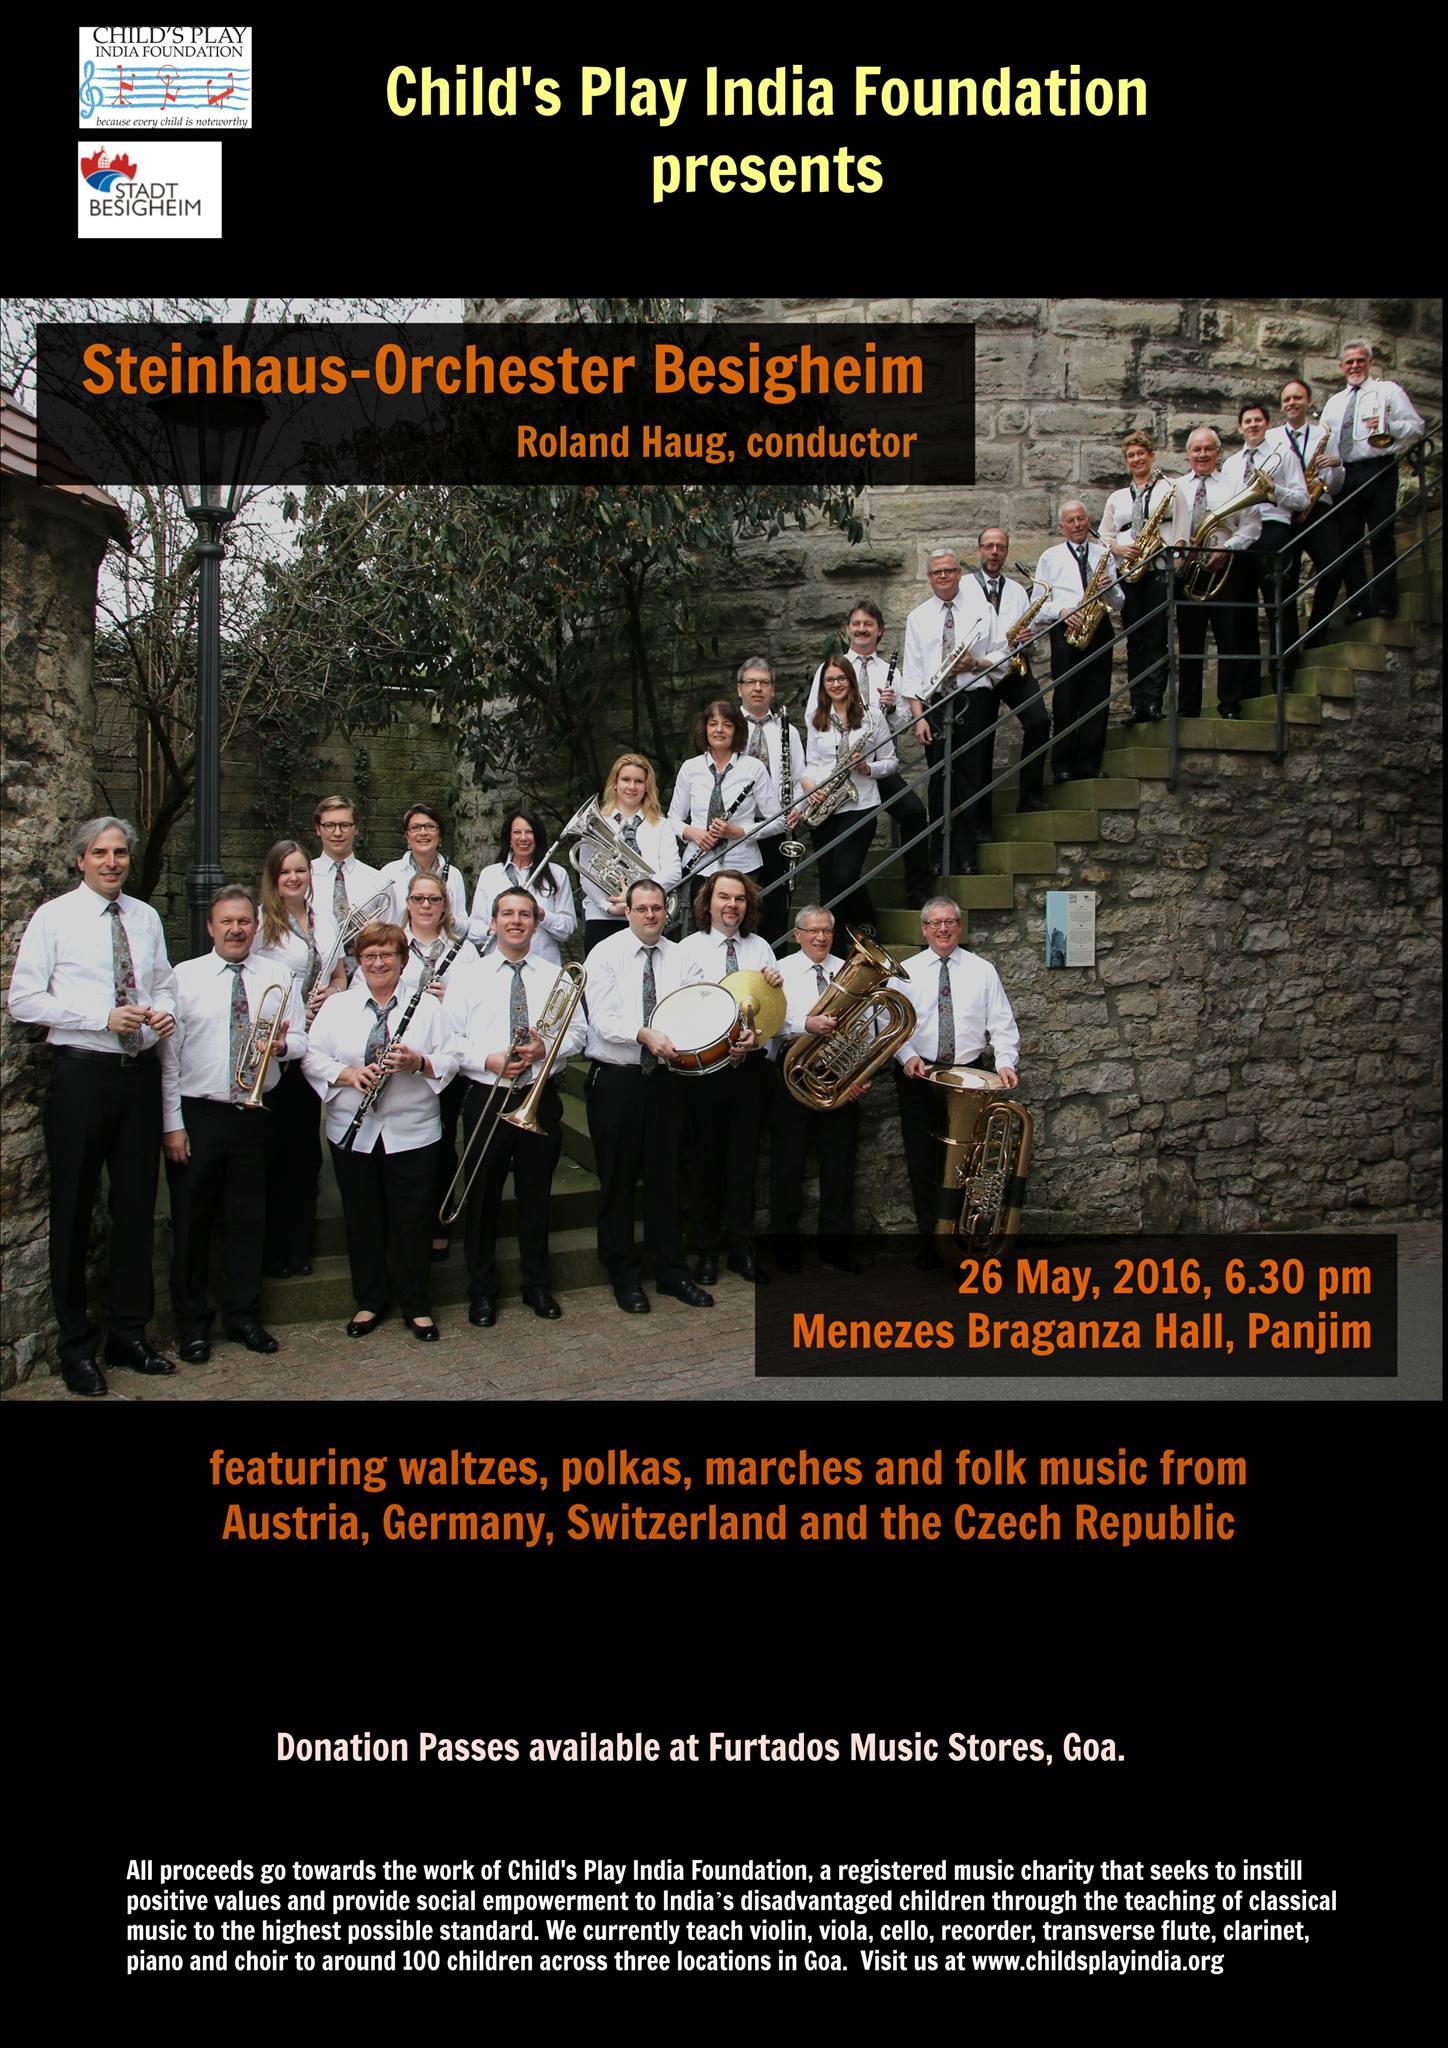 Steinhaus-Orchester Besigheim